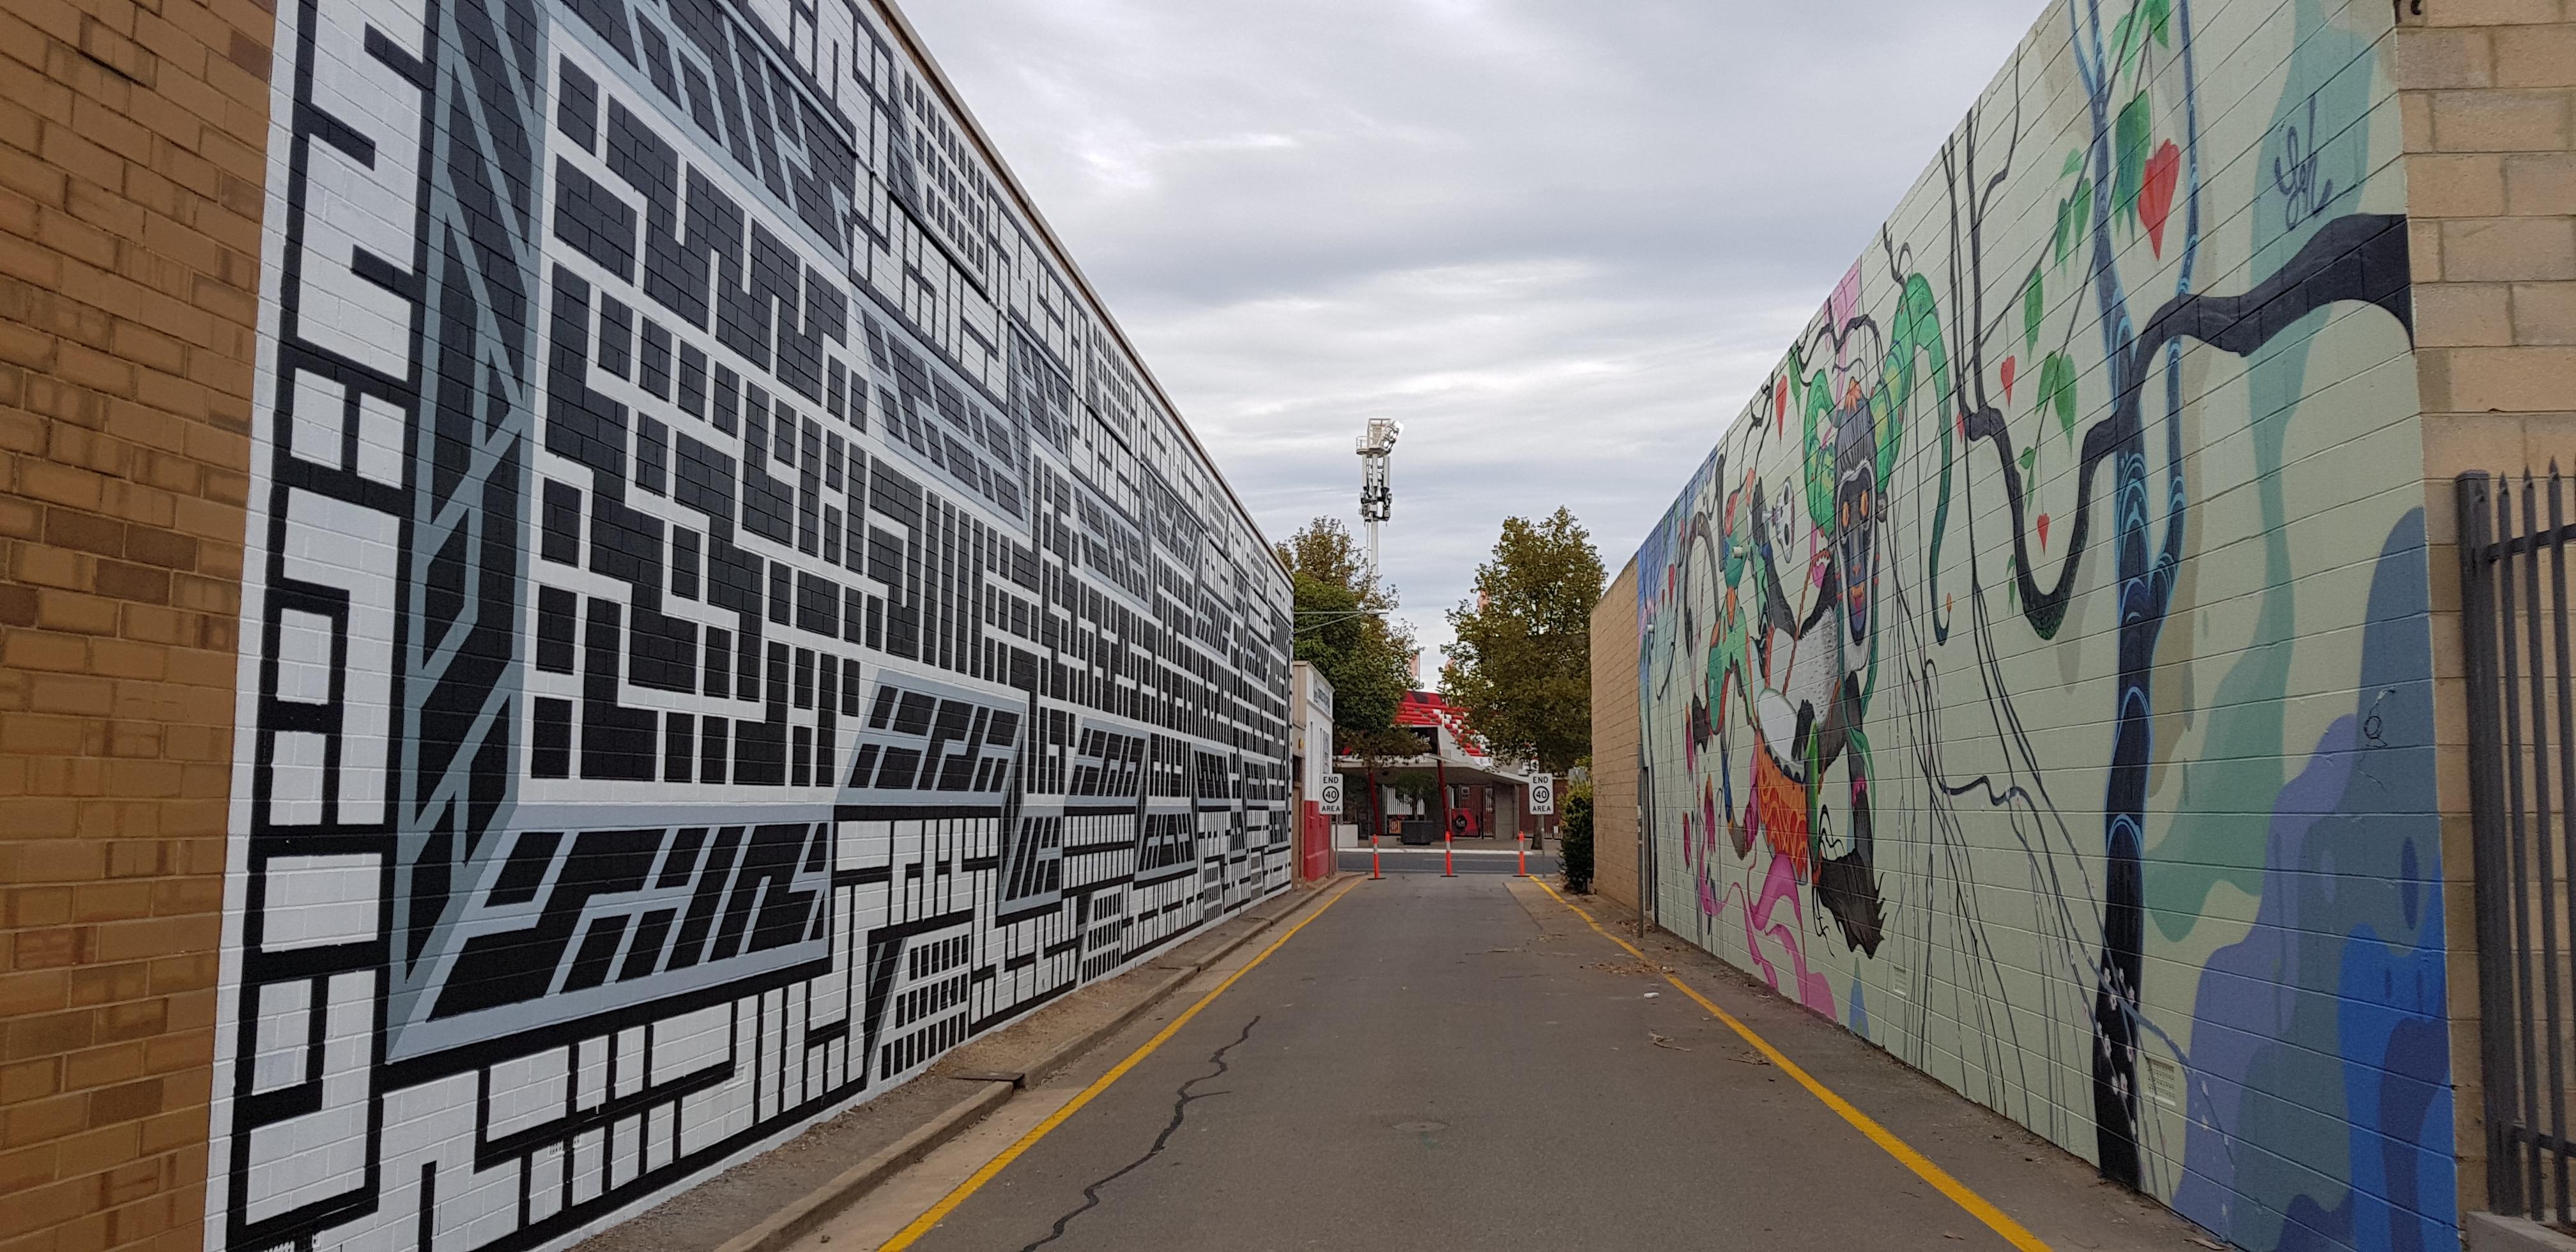 Crawford lane finished artwork